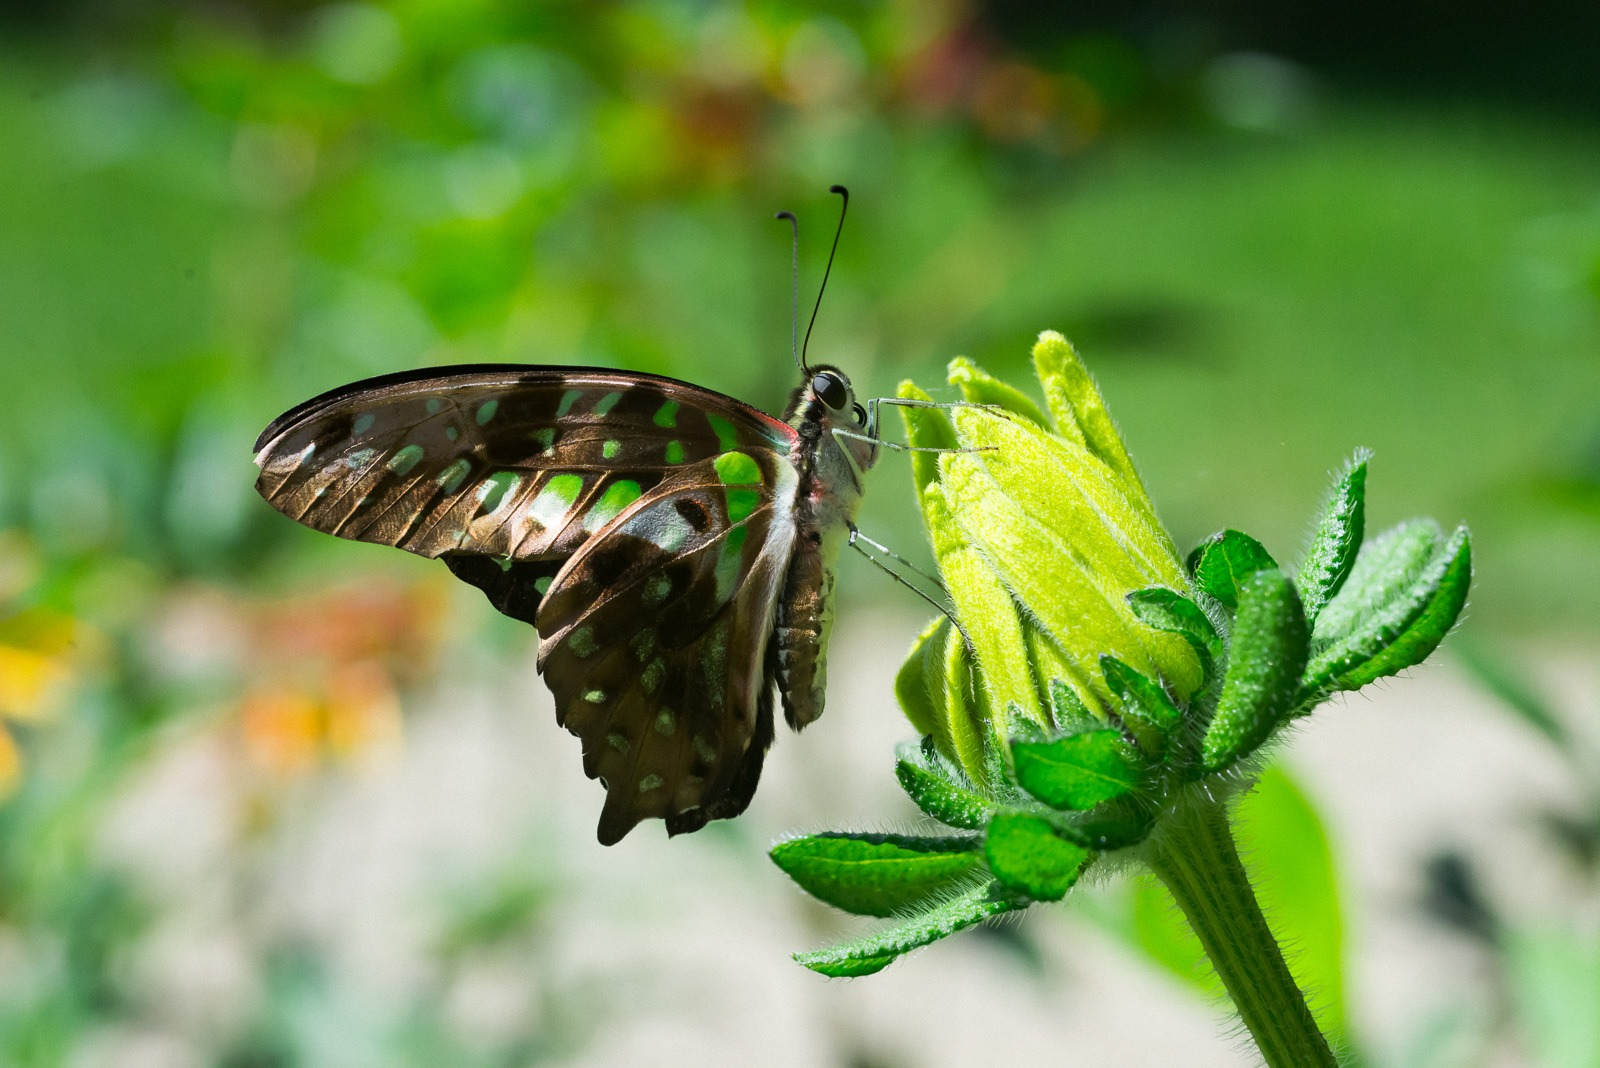 06-17-16 Chicago Botanic Garden-278.jpg